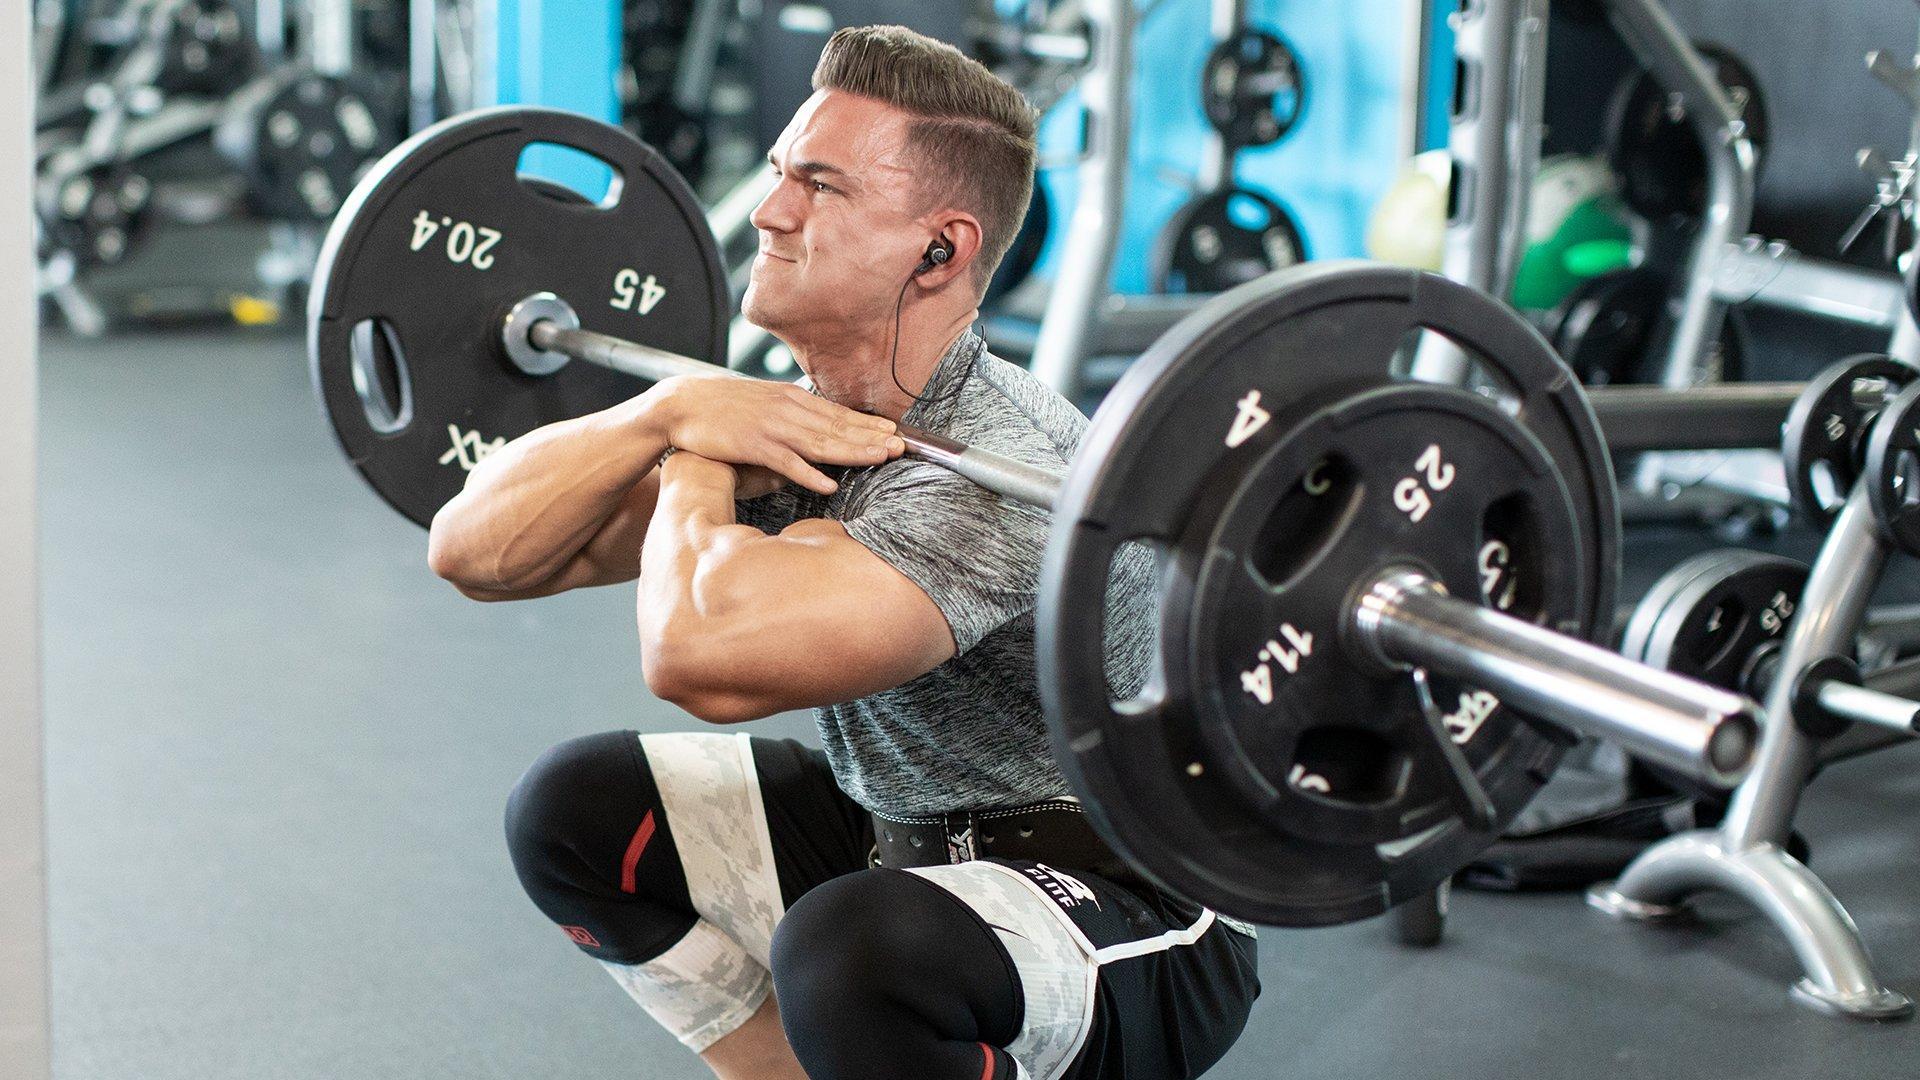 Ученые сравнили эффект интенсивных и умеренных упражнений при остеоартрите